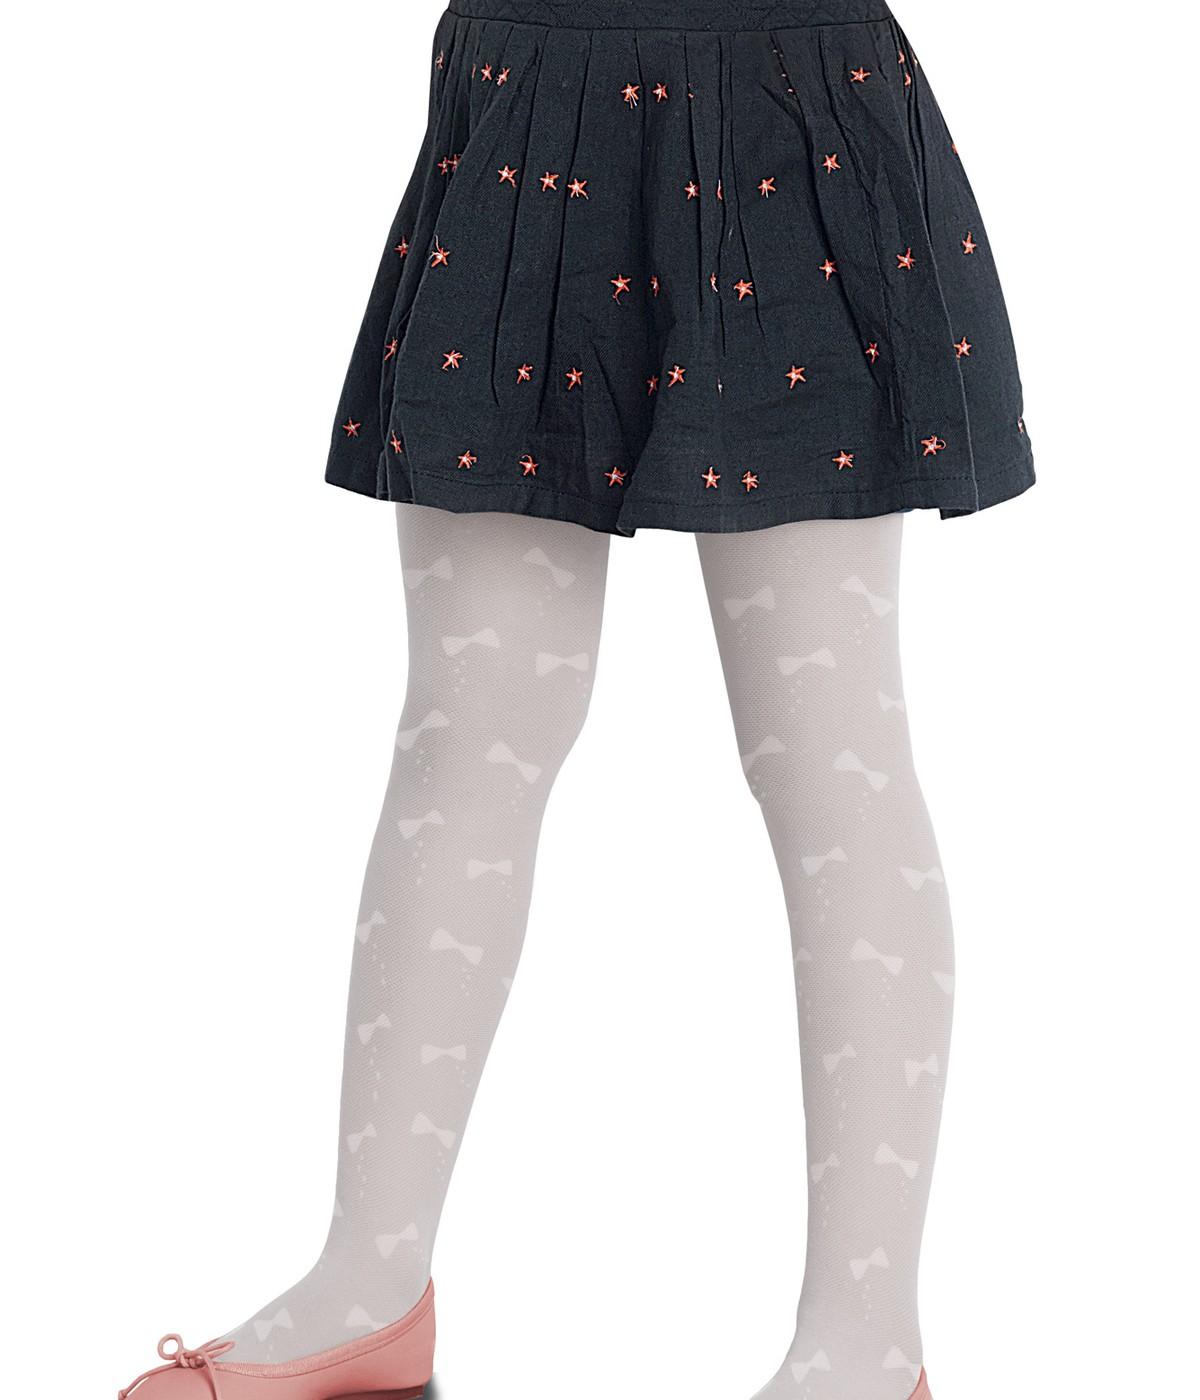 Ciorapi cu chilot cu funda din tul Pretty